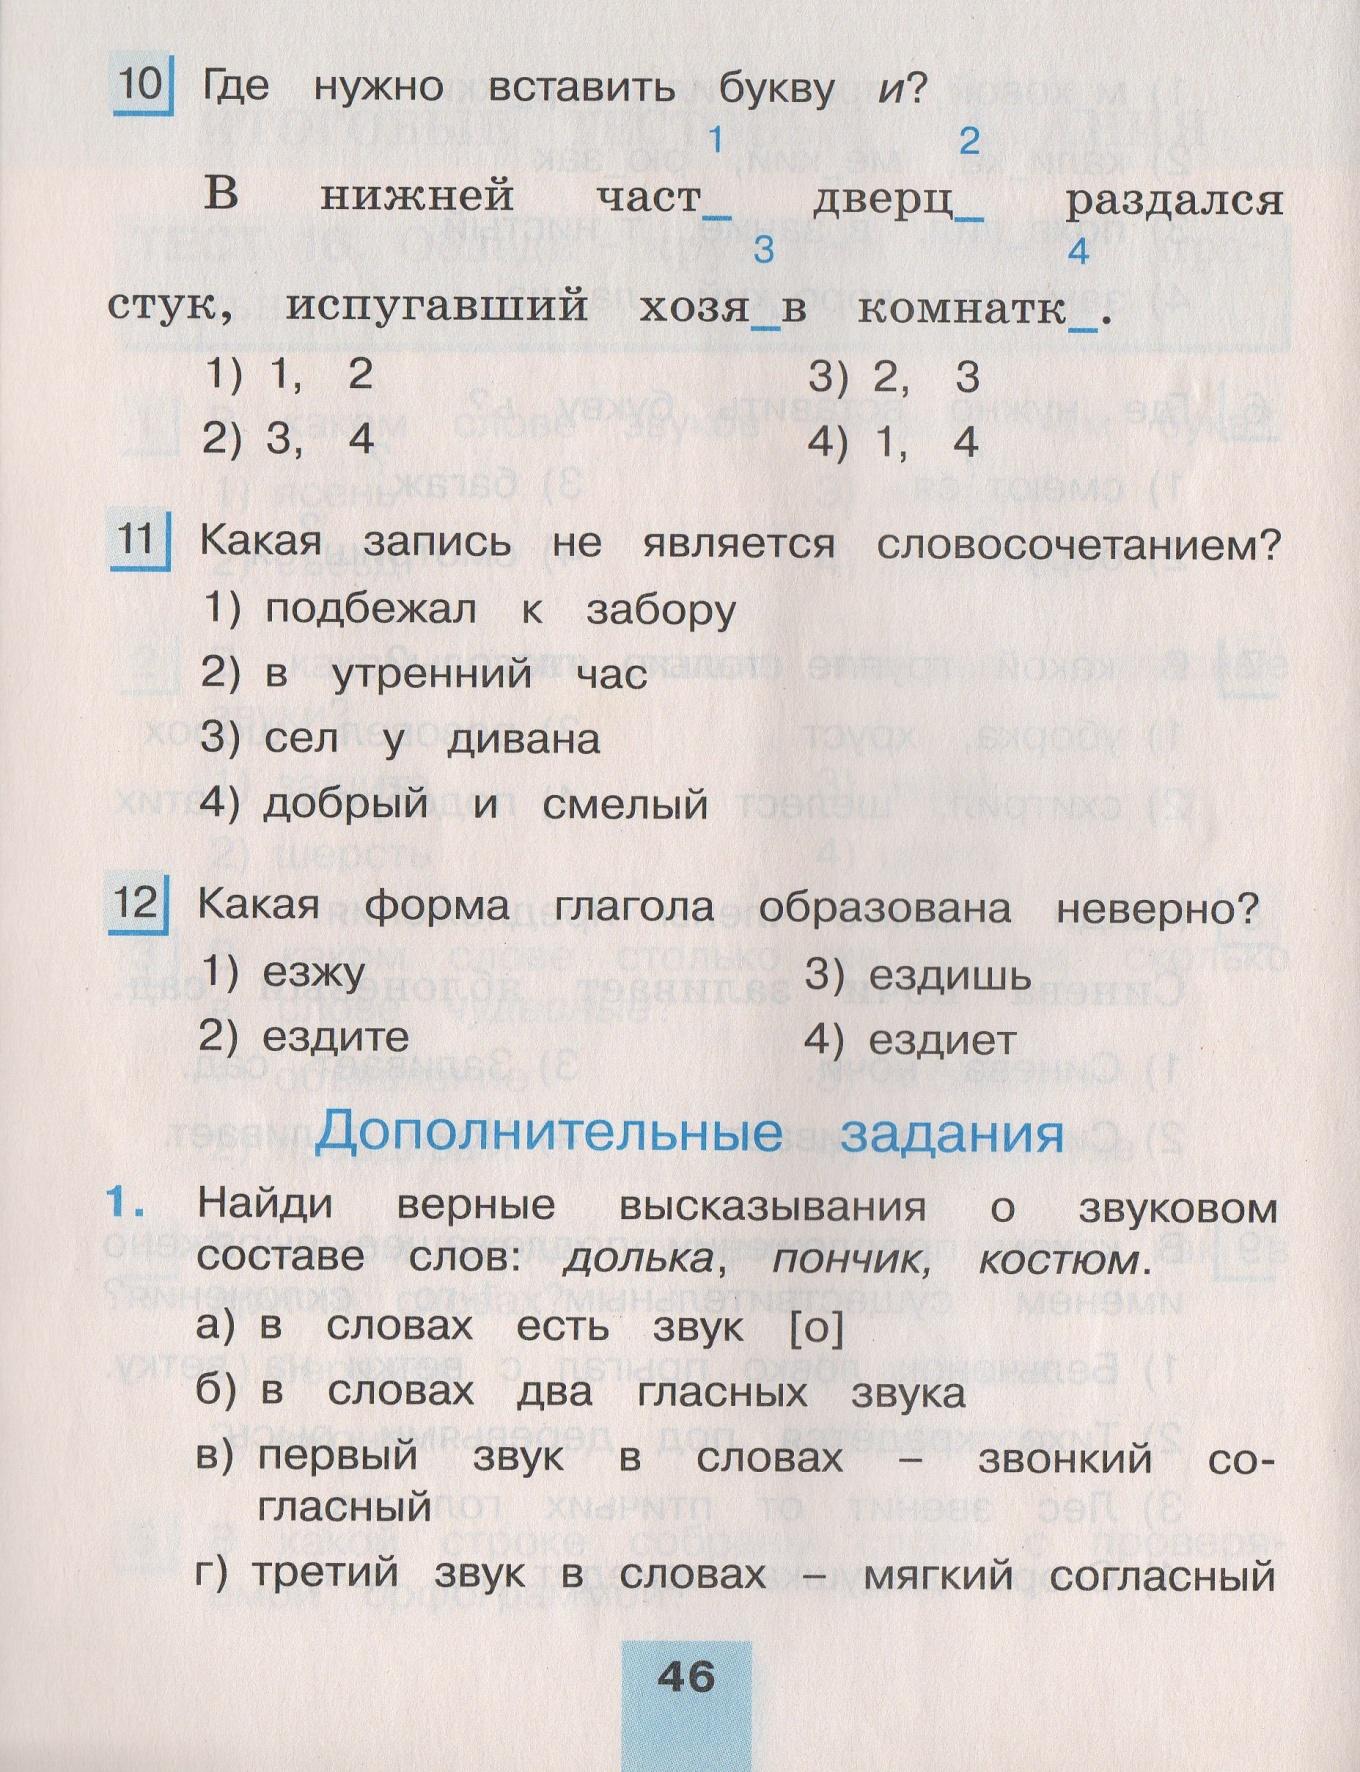 Маленькие банки дающие кредит без проверки кредитной истории москва